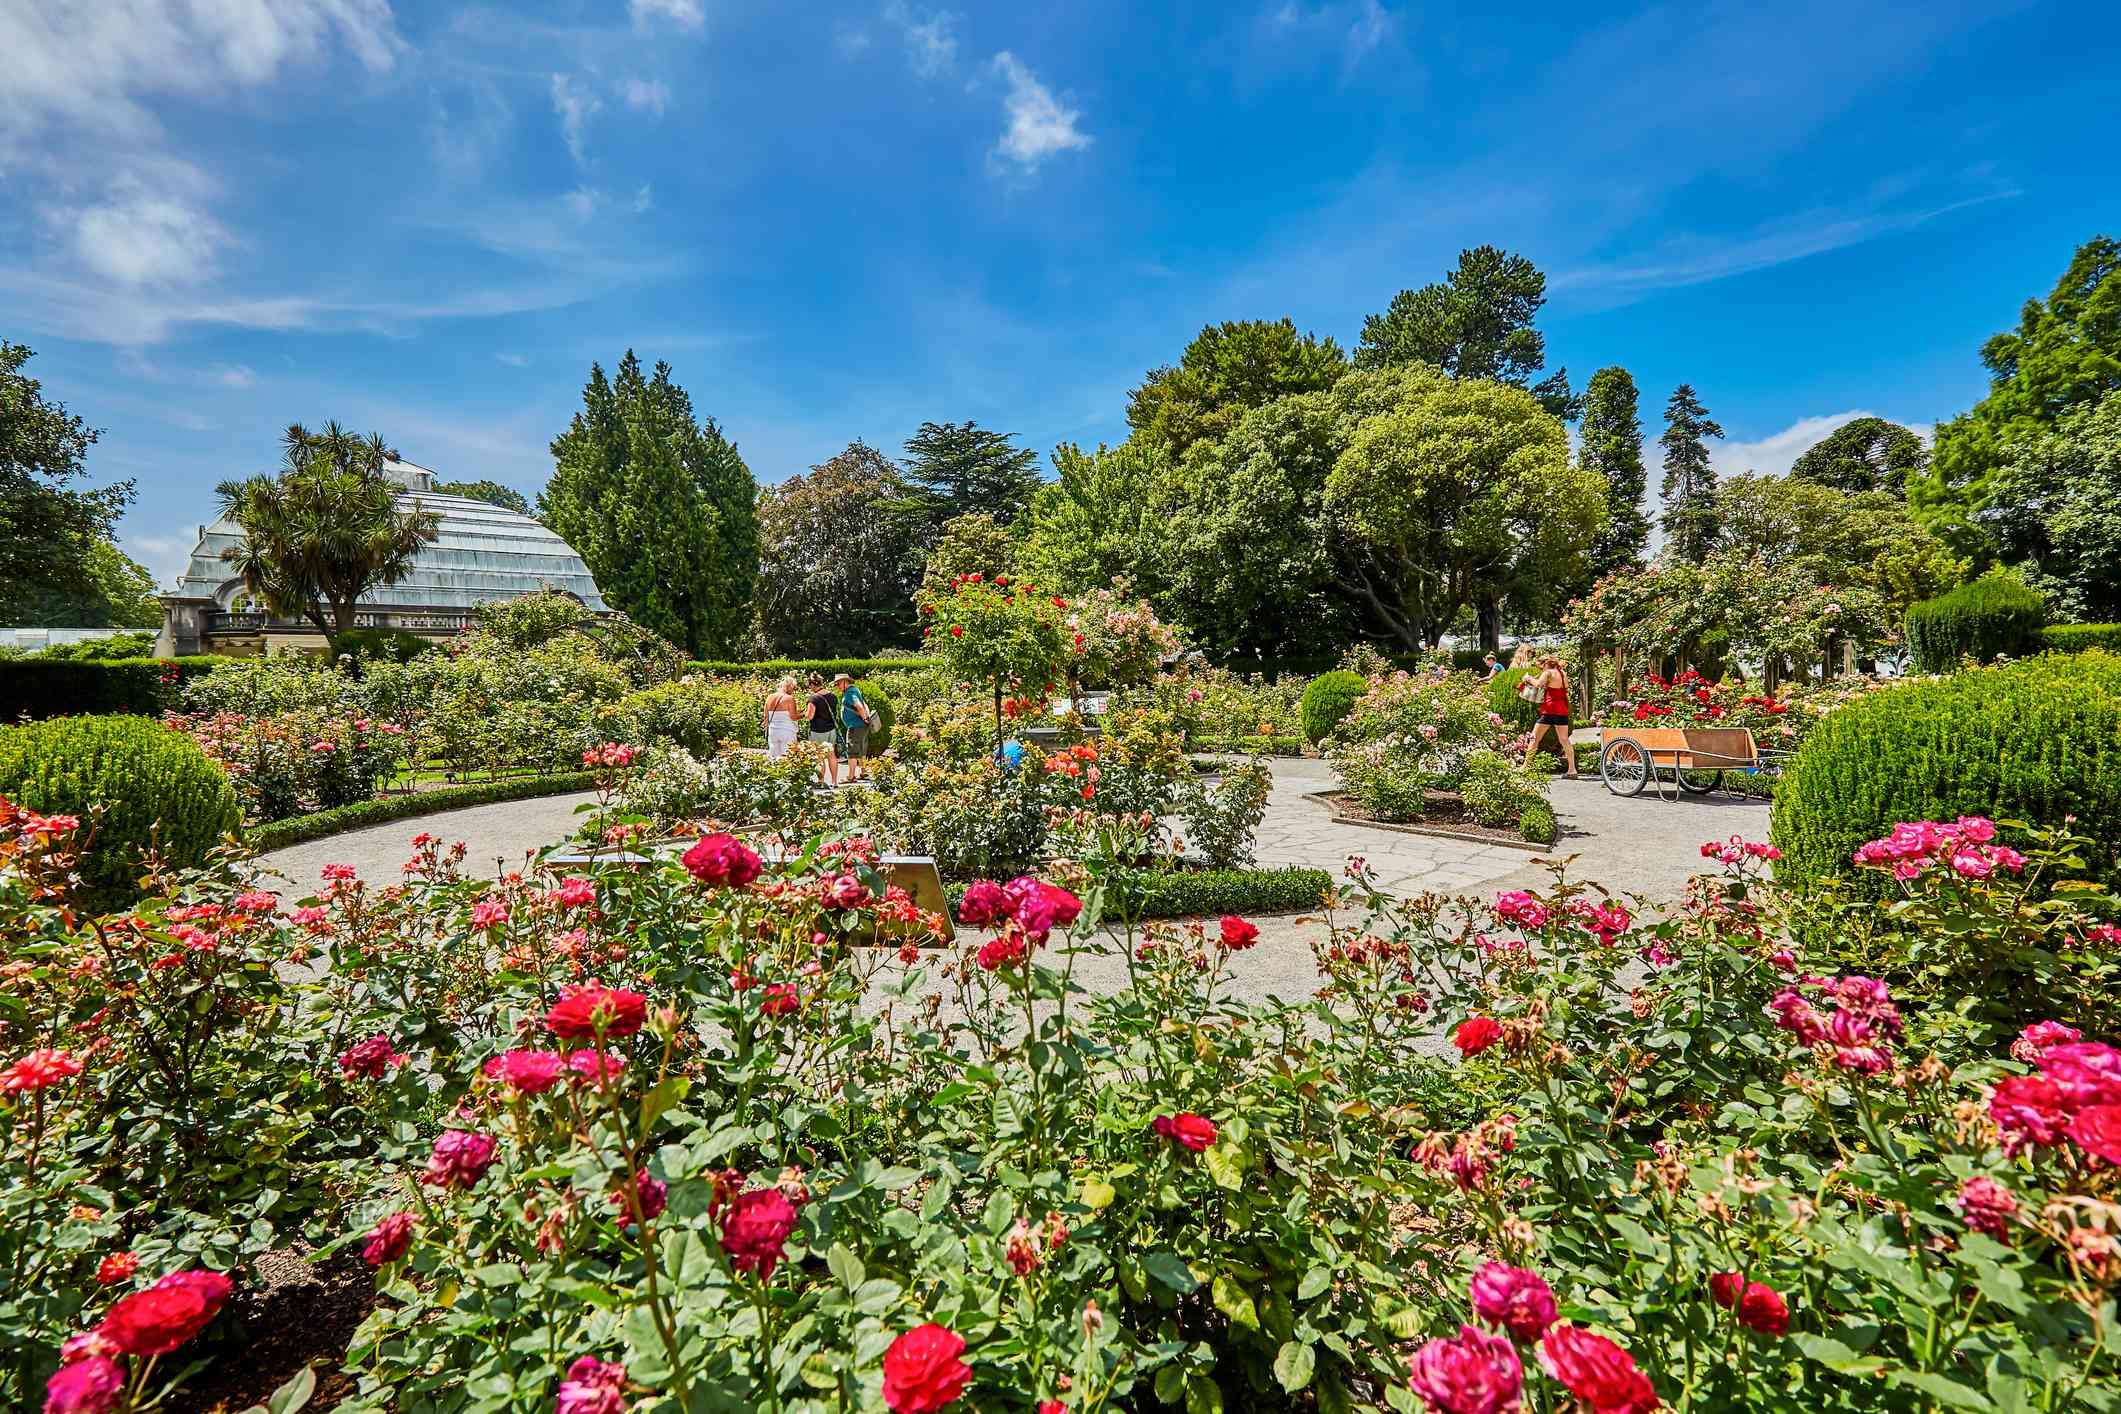 jardines formales y jardines de flores de los jardines botánicos de Christchurch en flor en verano en la ciudad de Christchurch